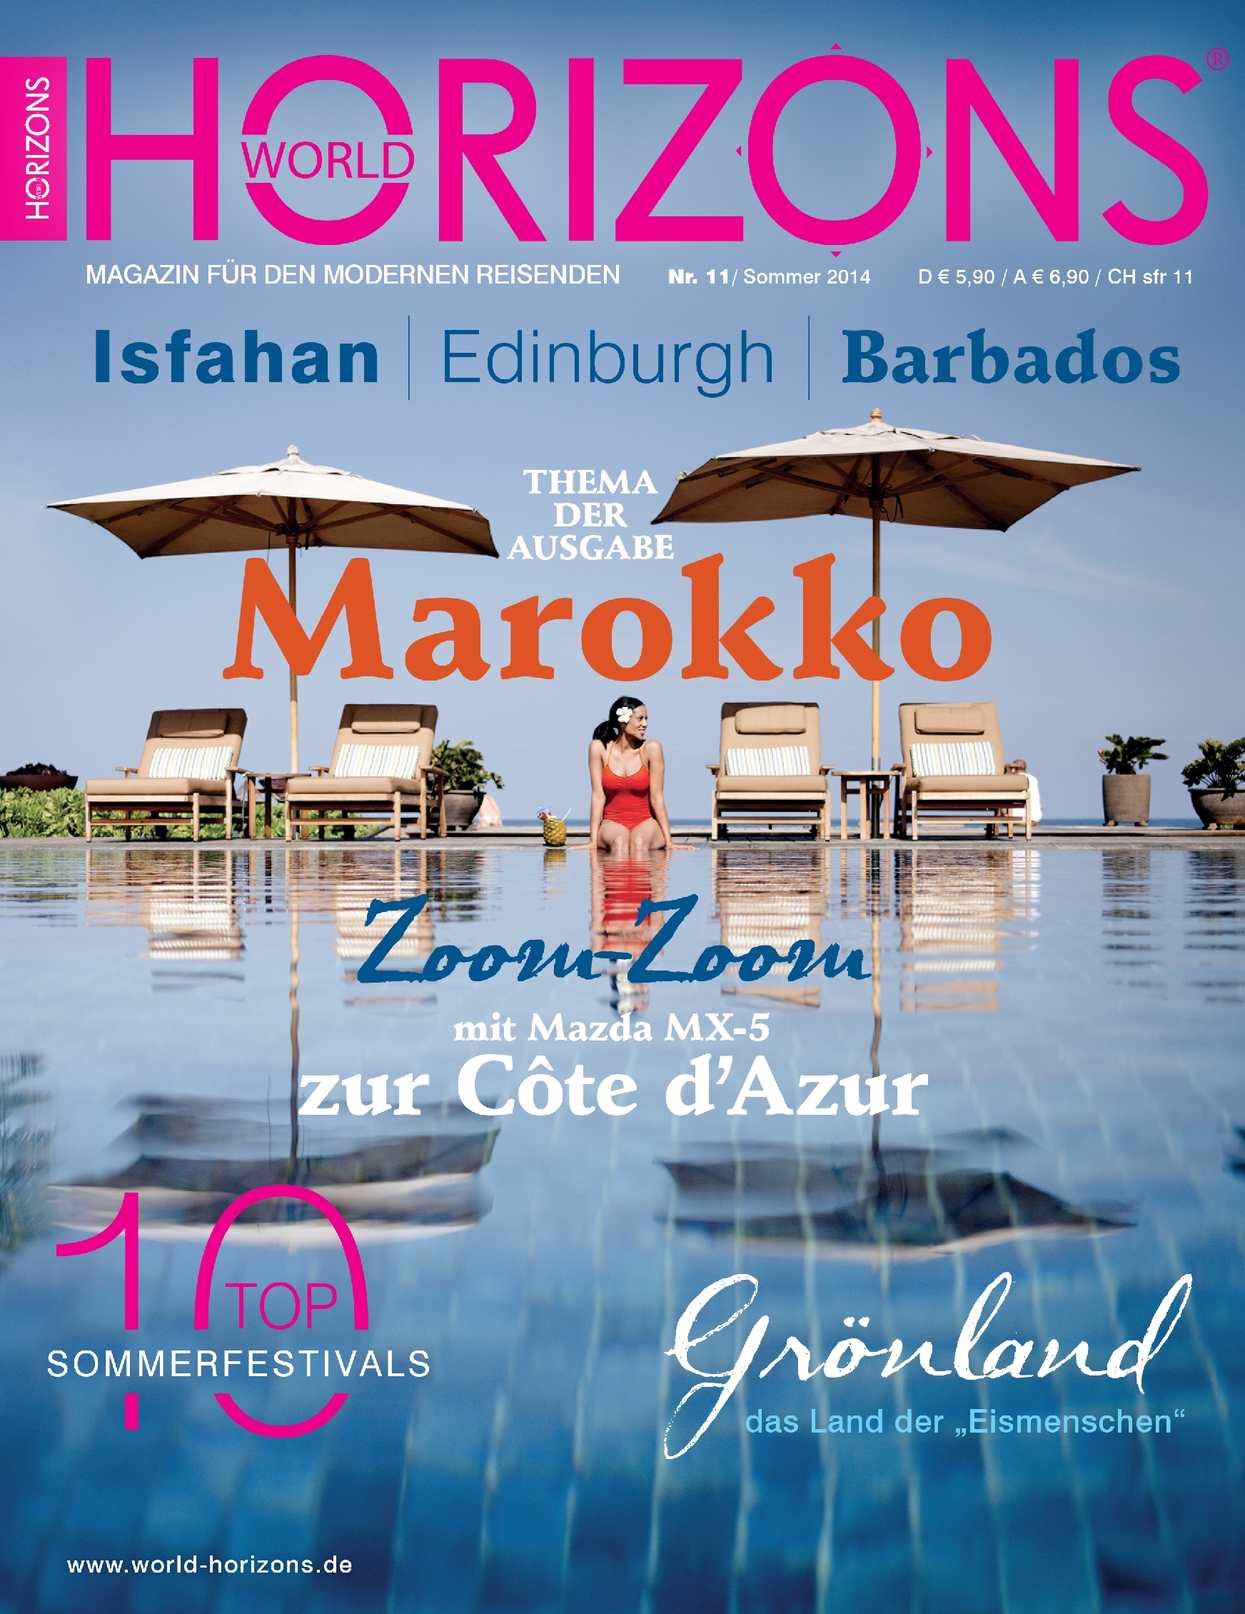 World Horizons  |  Nummer 11  |  Sommer 2014